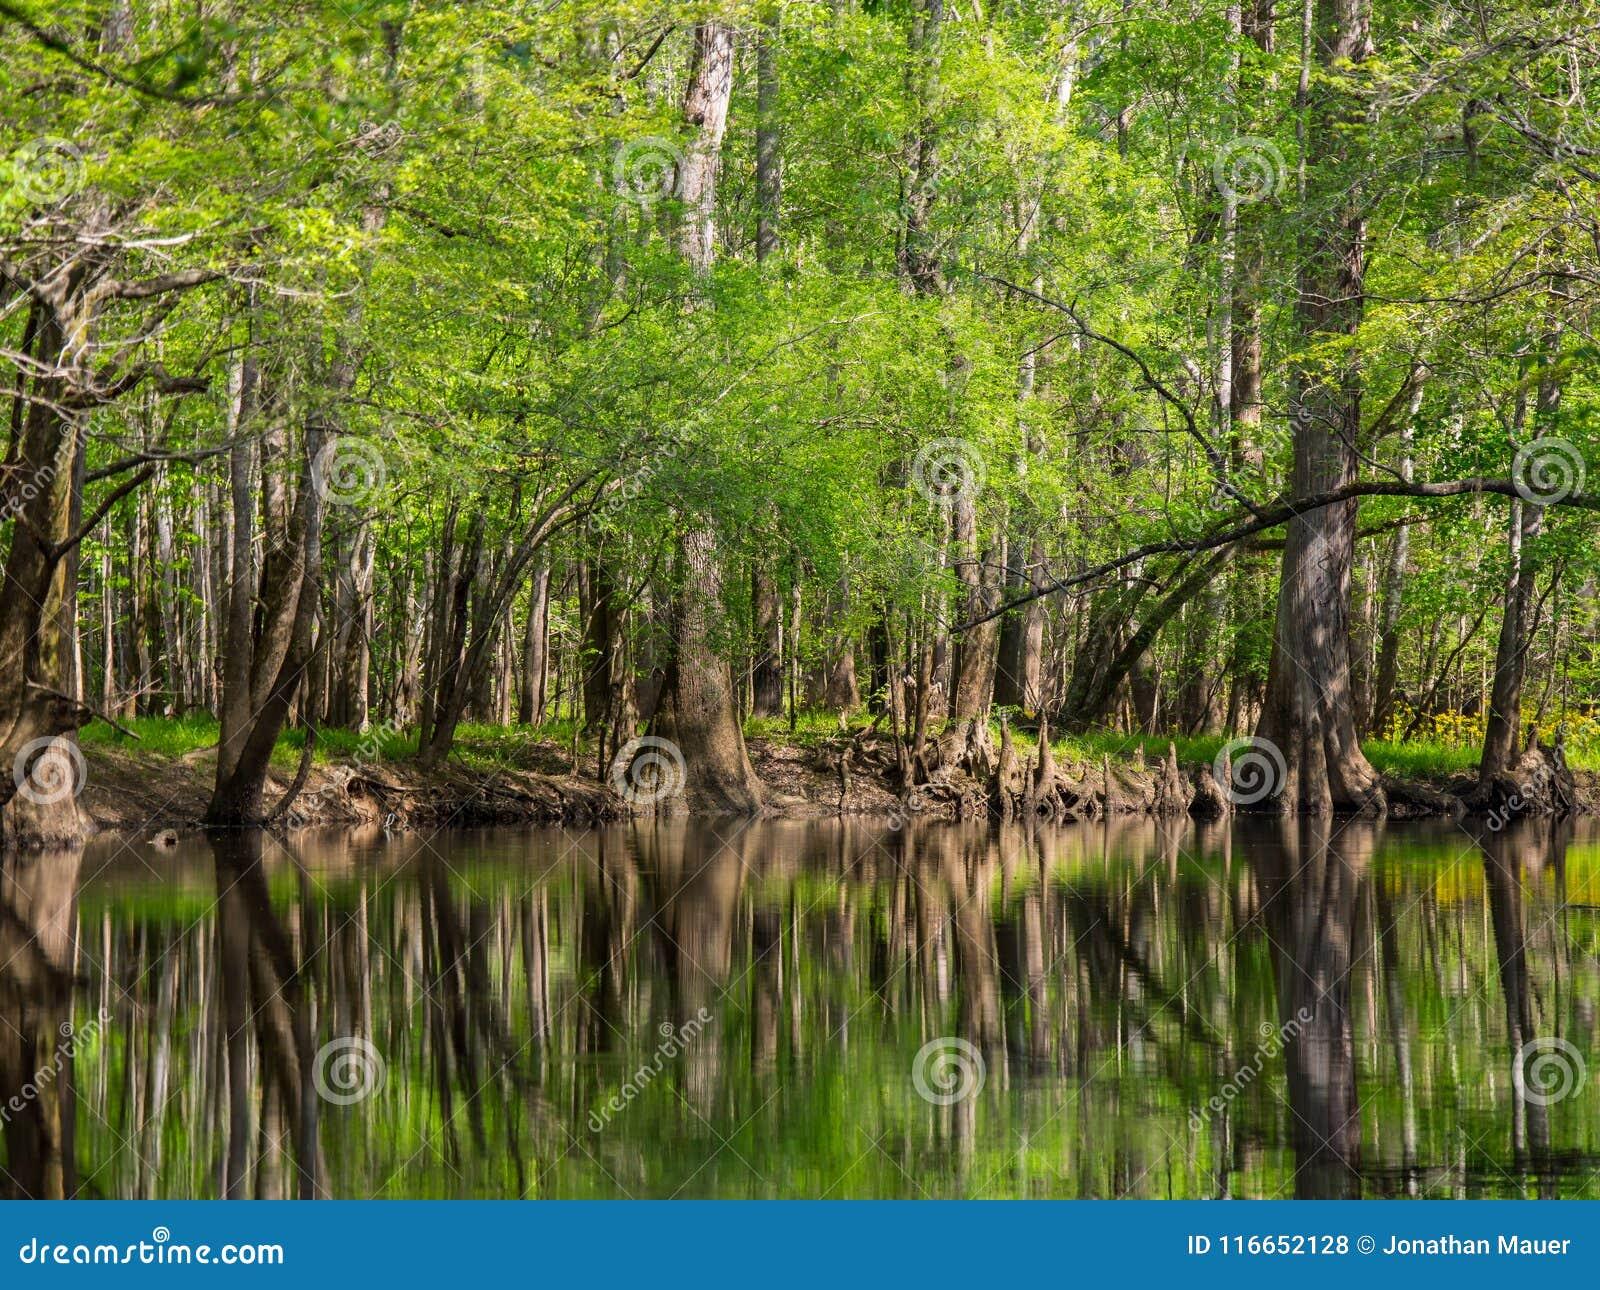 Ψηλά δέντρα κατά μήκος της άκρης νερών, κολπίσκος κέδρων, εθνικό πάρκο Congaree